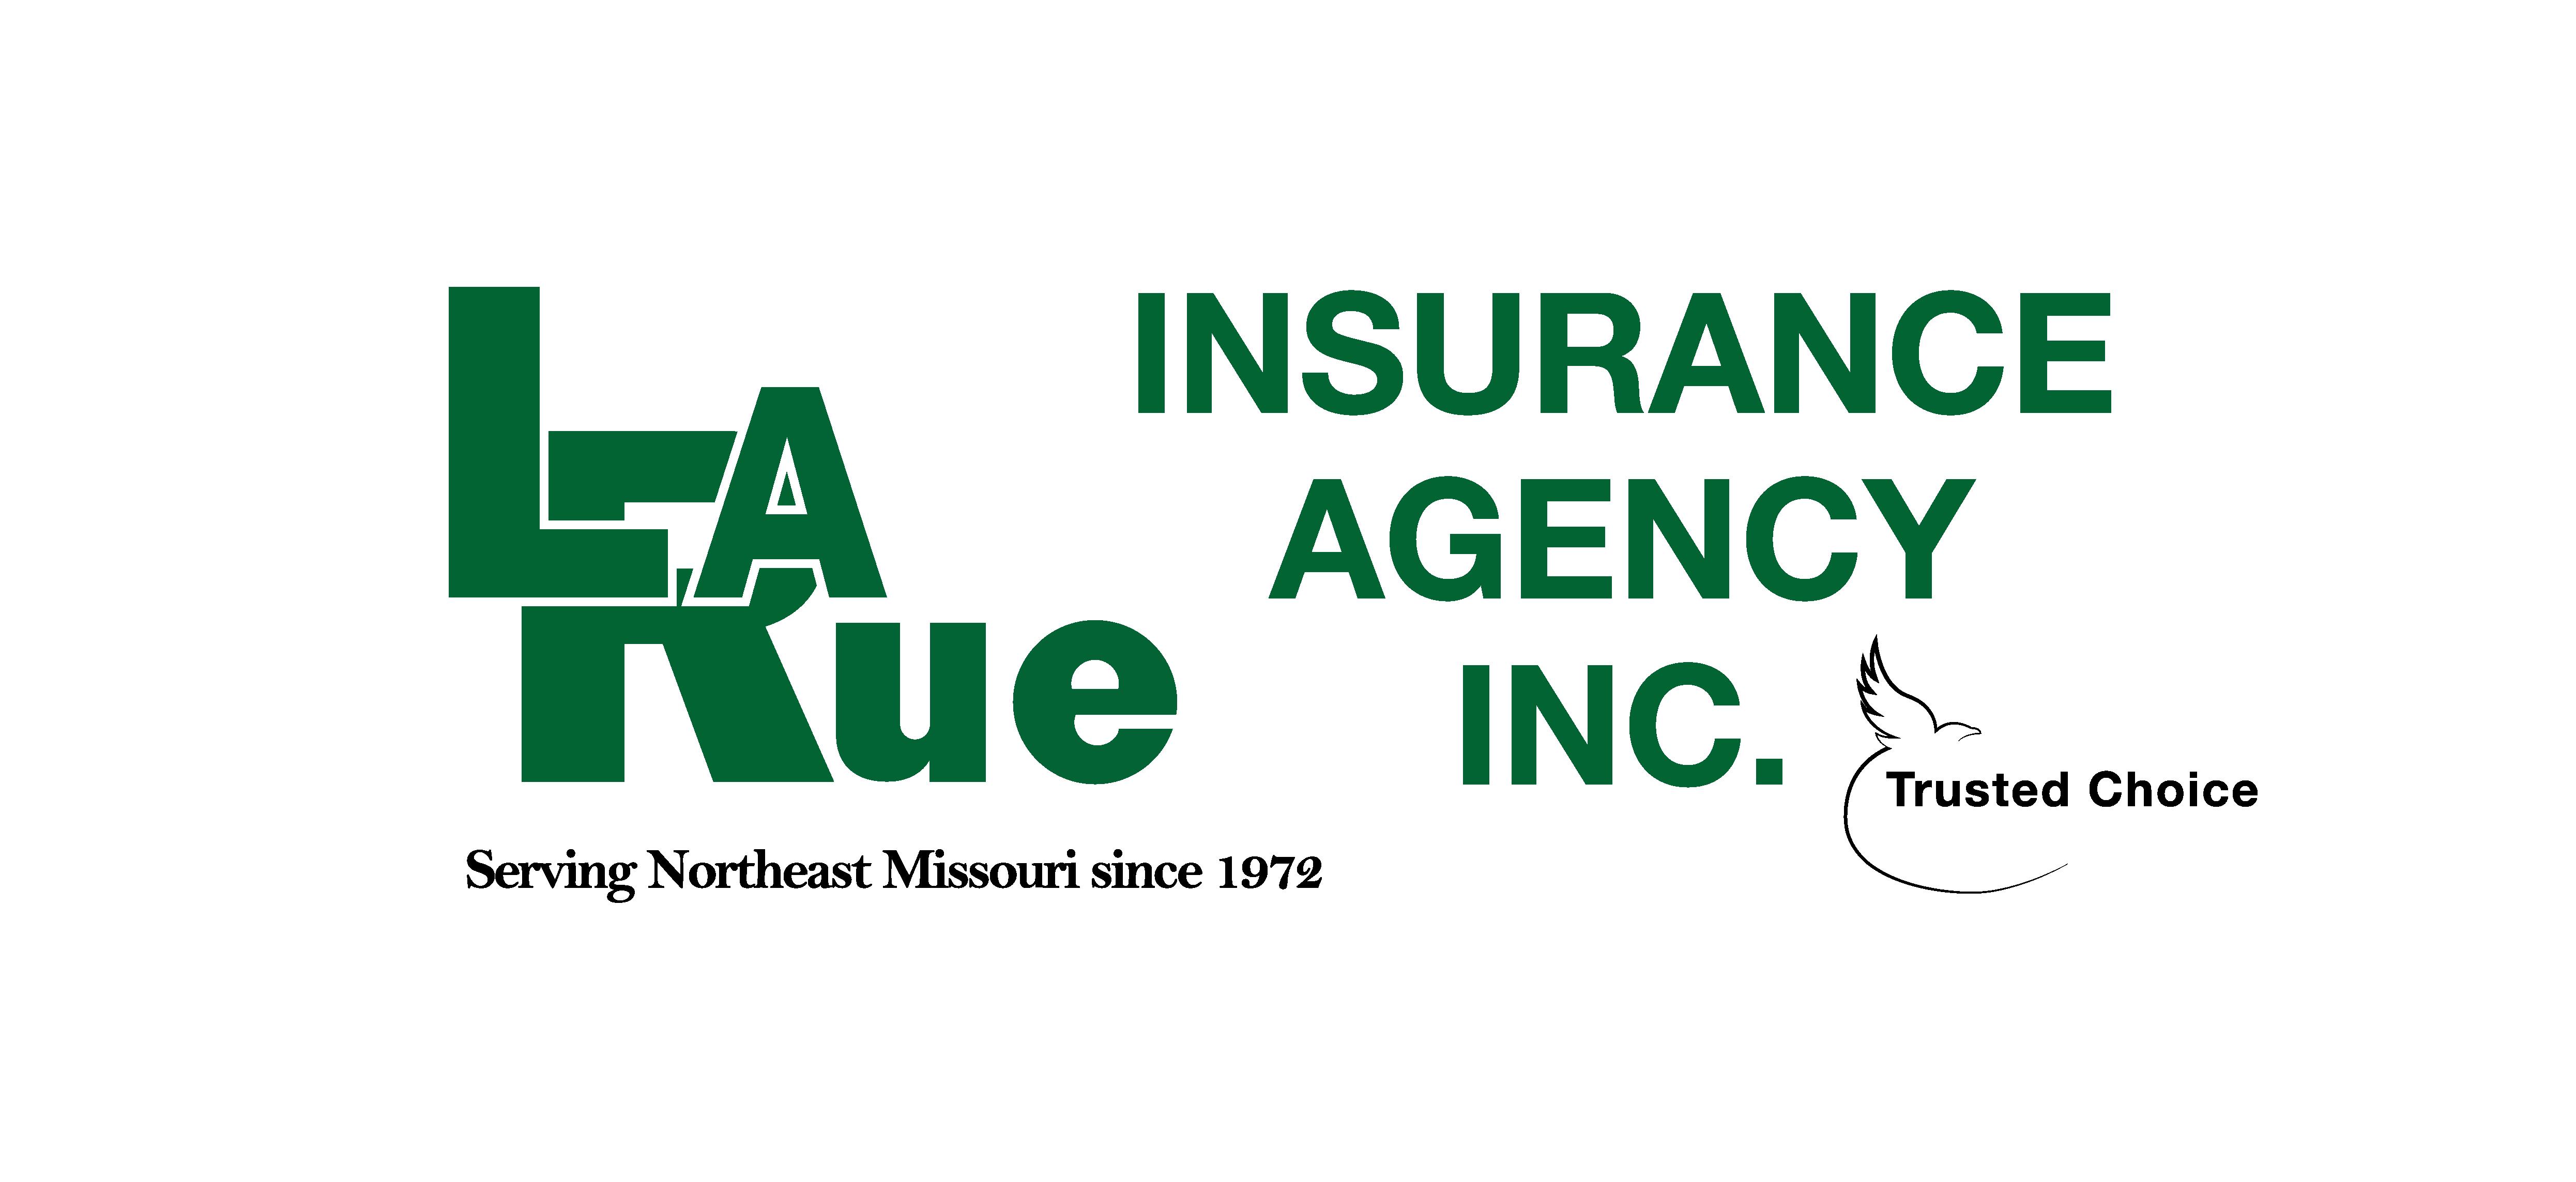 LaRue Insurance Agency, Inc